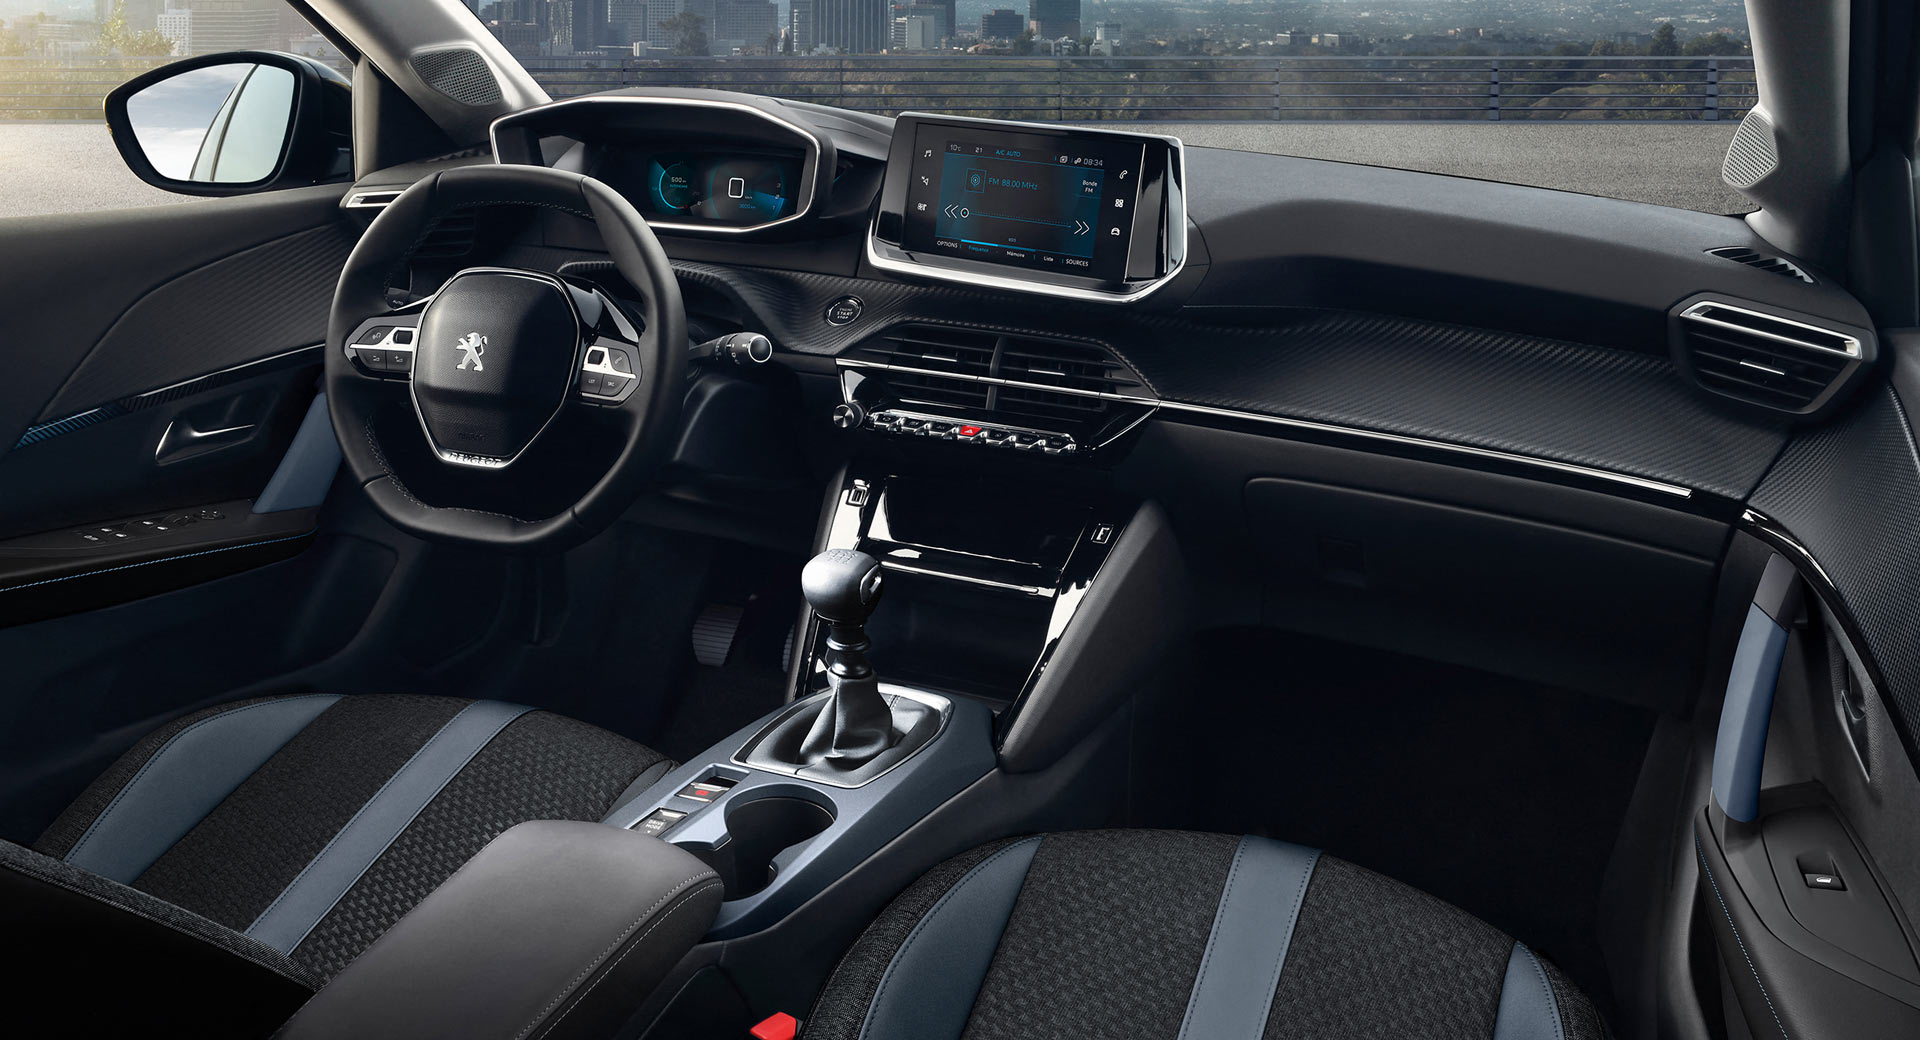 Peugeot giới thiệu thế hệ mới 2008 có thêm phiên bản chạy hoàn toàn bằng điện - 11